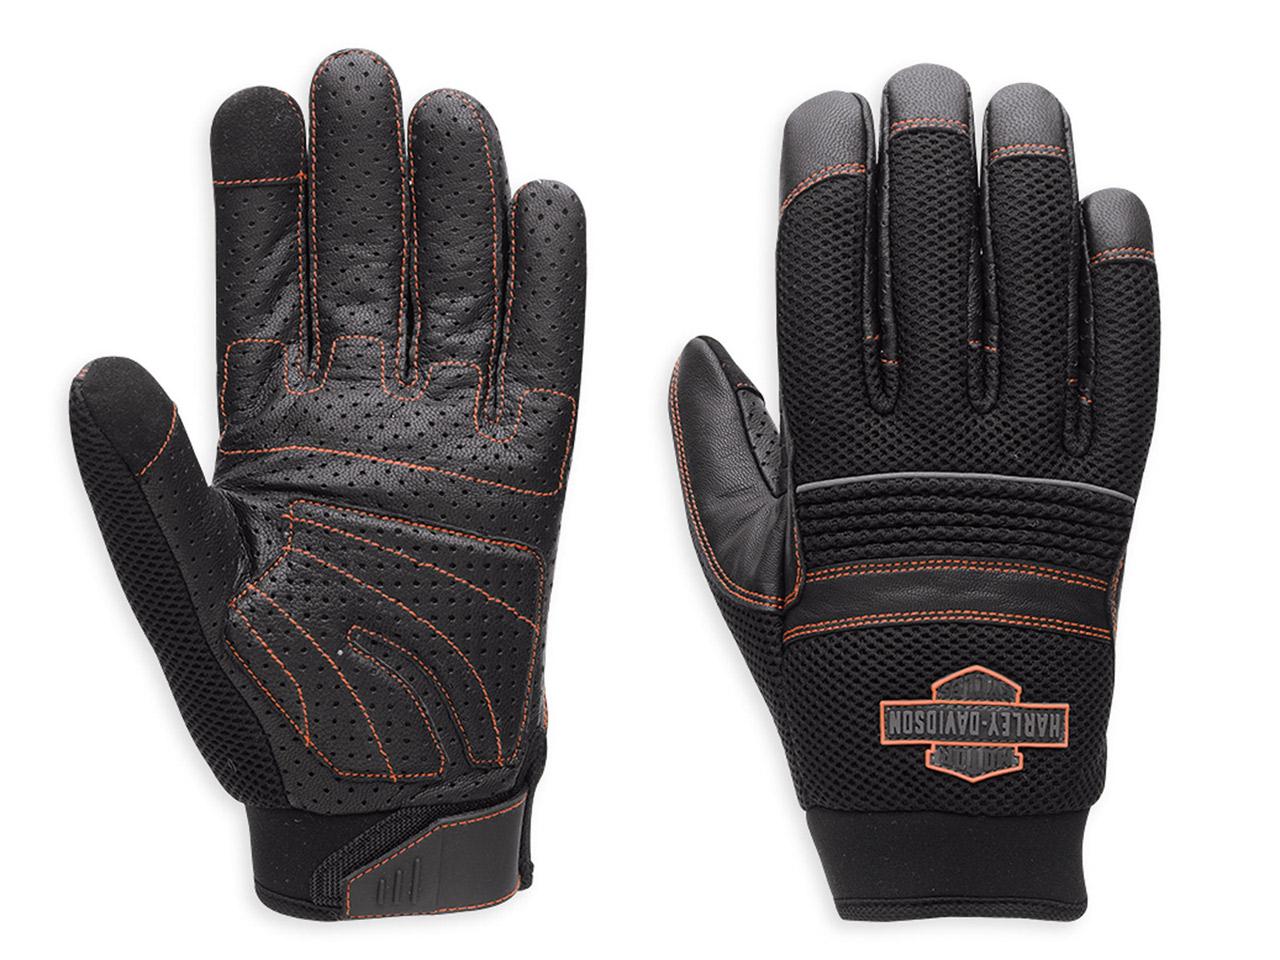 98364 15vm harley davidson handschuhe saddle mesh leder